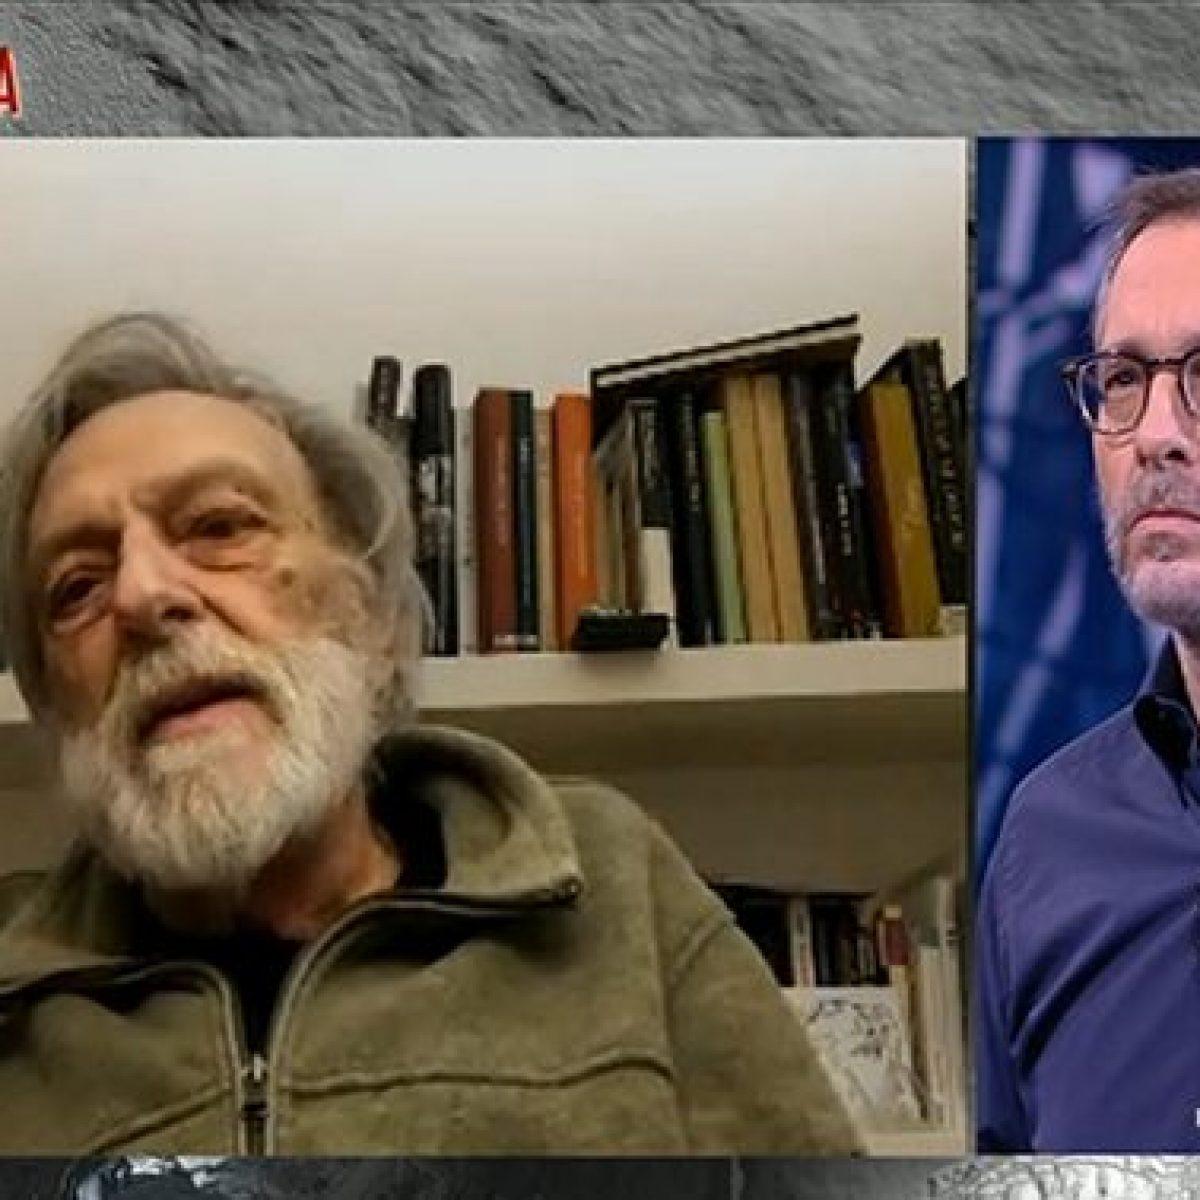 Gino Strada Sull Emergenza Provo Rabbia E Dolore Non Sappiamo Neanche Il Vero Numero Dei Morti